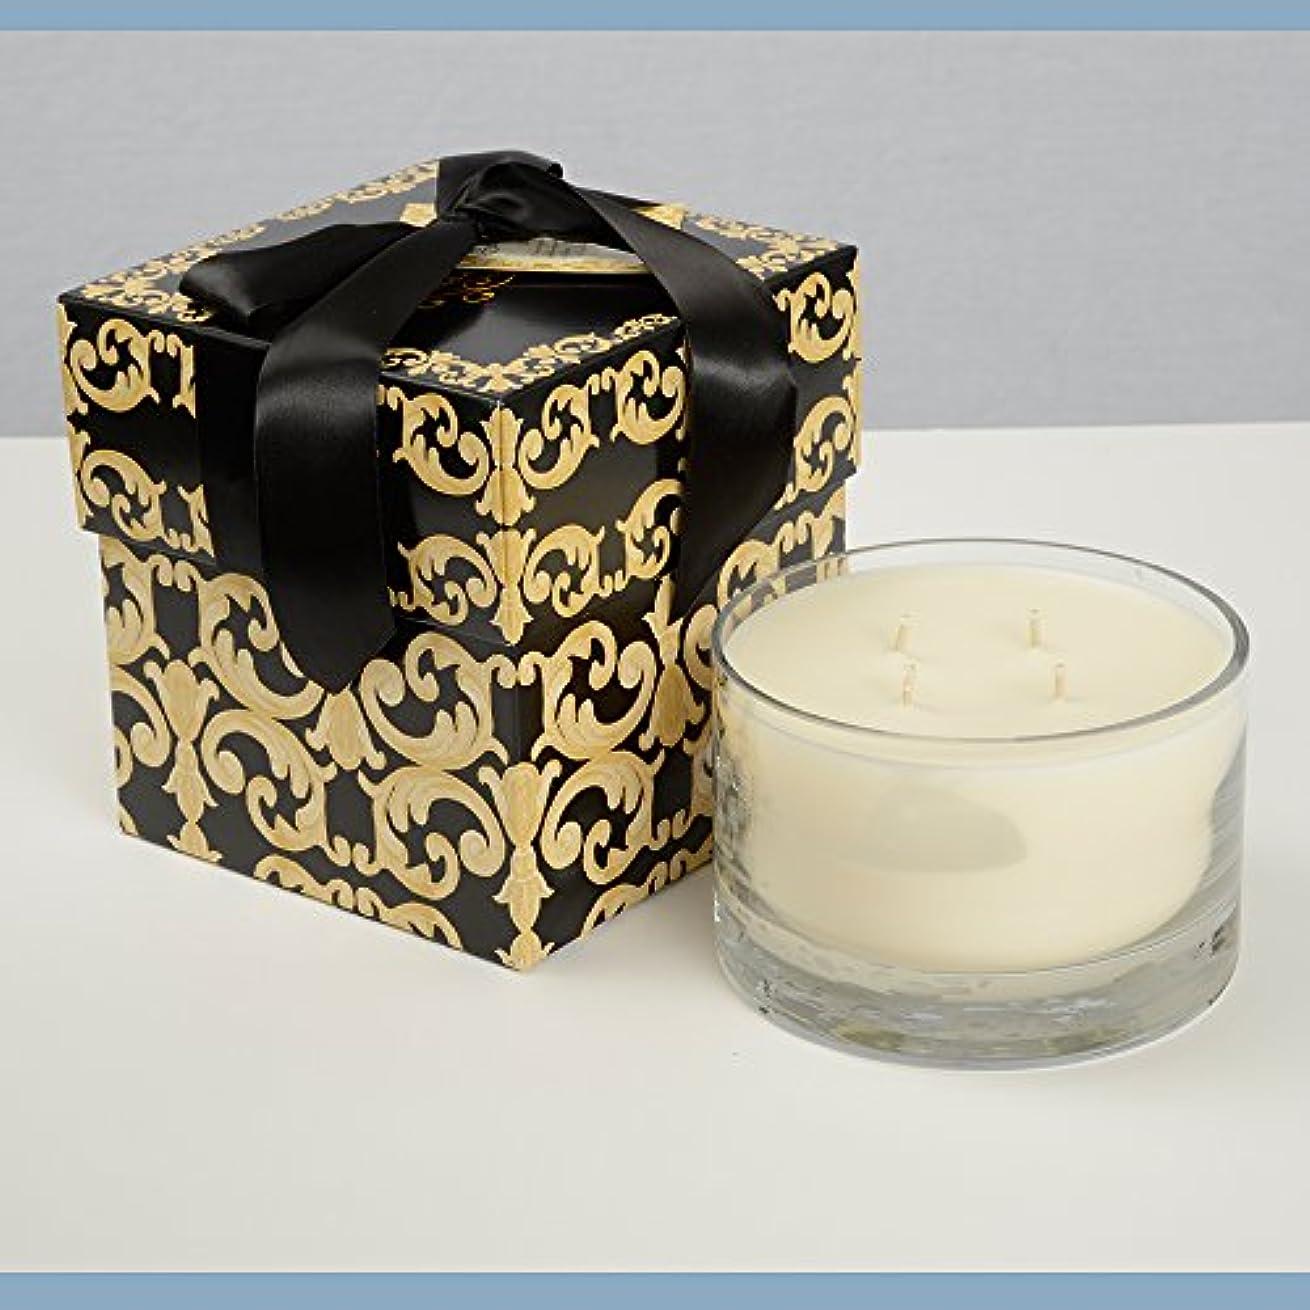 種類自然ほのめかすフランス市場 – Exclusive Tyler 40 oz 4-wick香りつきJar Candle